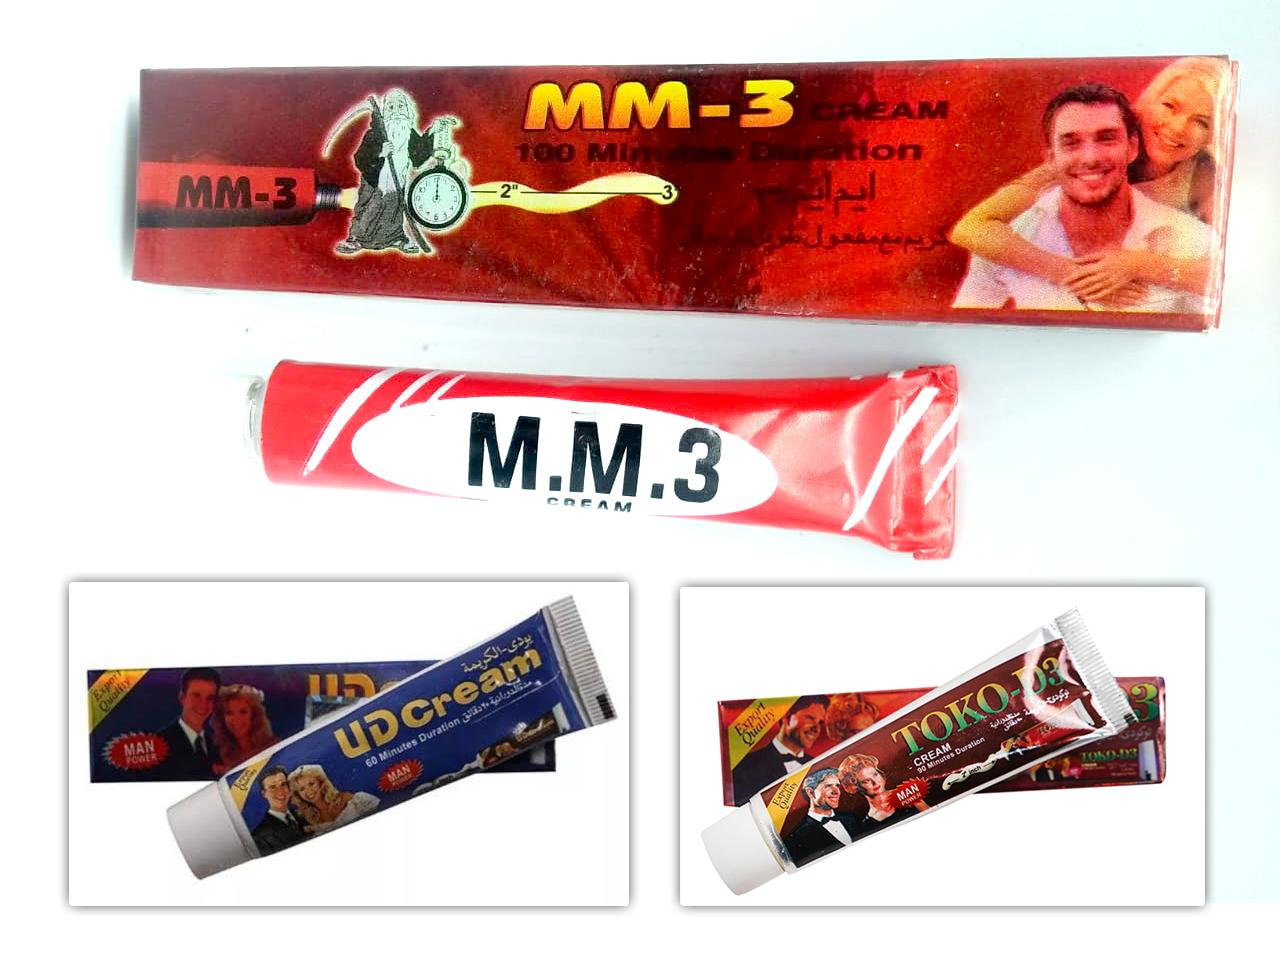 Buy Toko D3-Cream MM3-Cream in Pakistan trophing.com